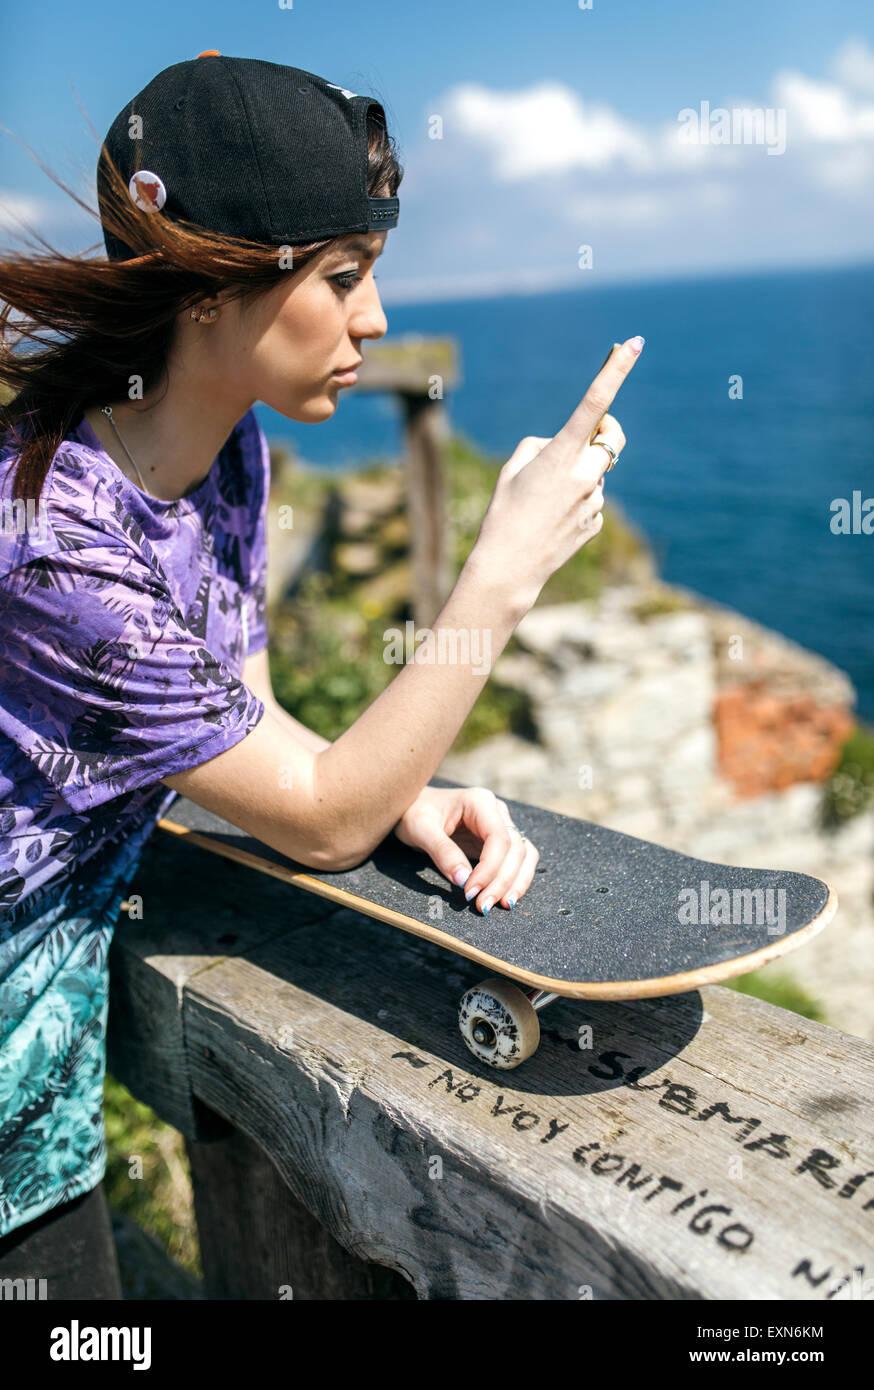 Spanien, Gijon, weibliche Skate Boarder SMS lesen Stockbild